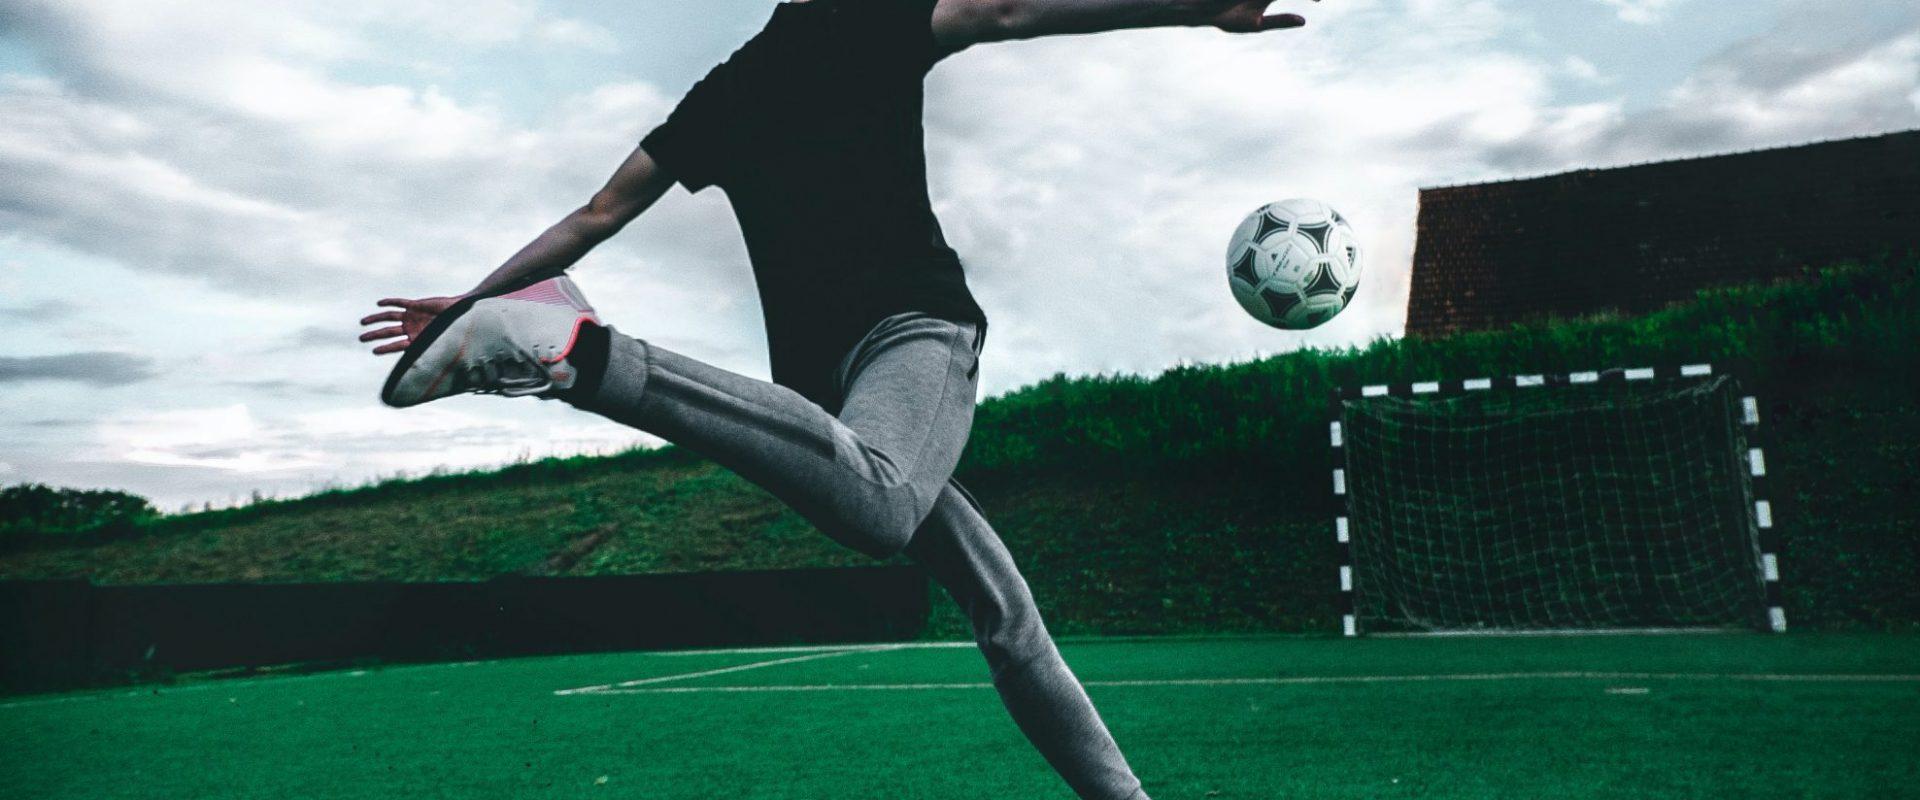 Permalink auf:Fussball